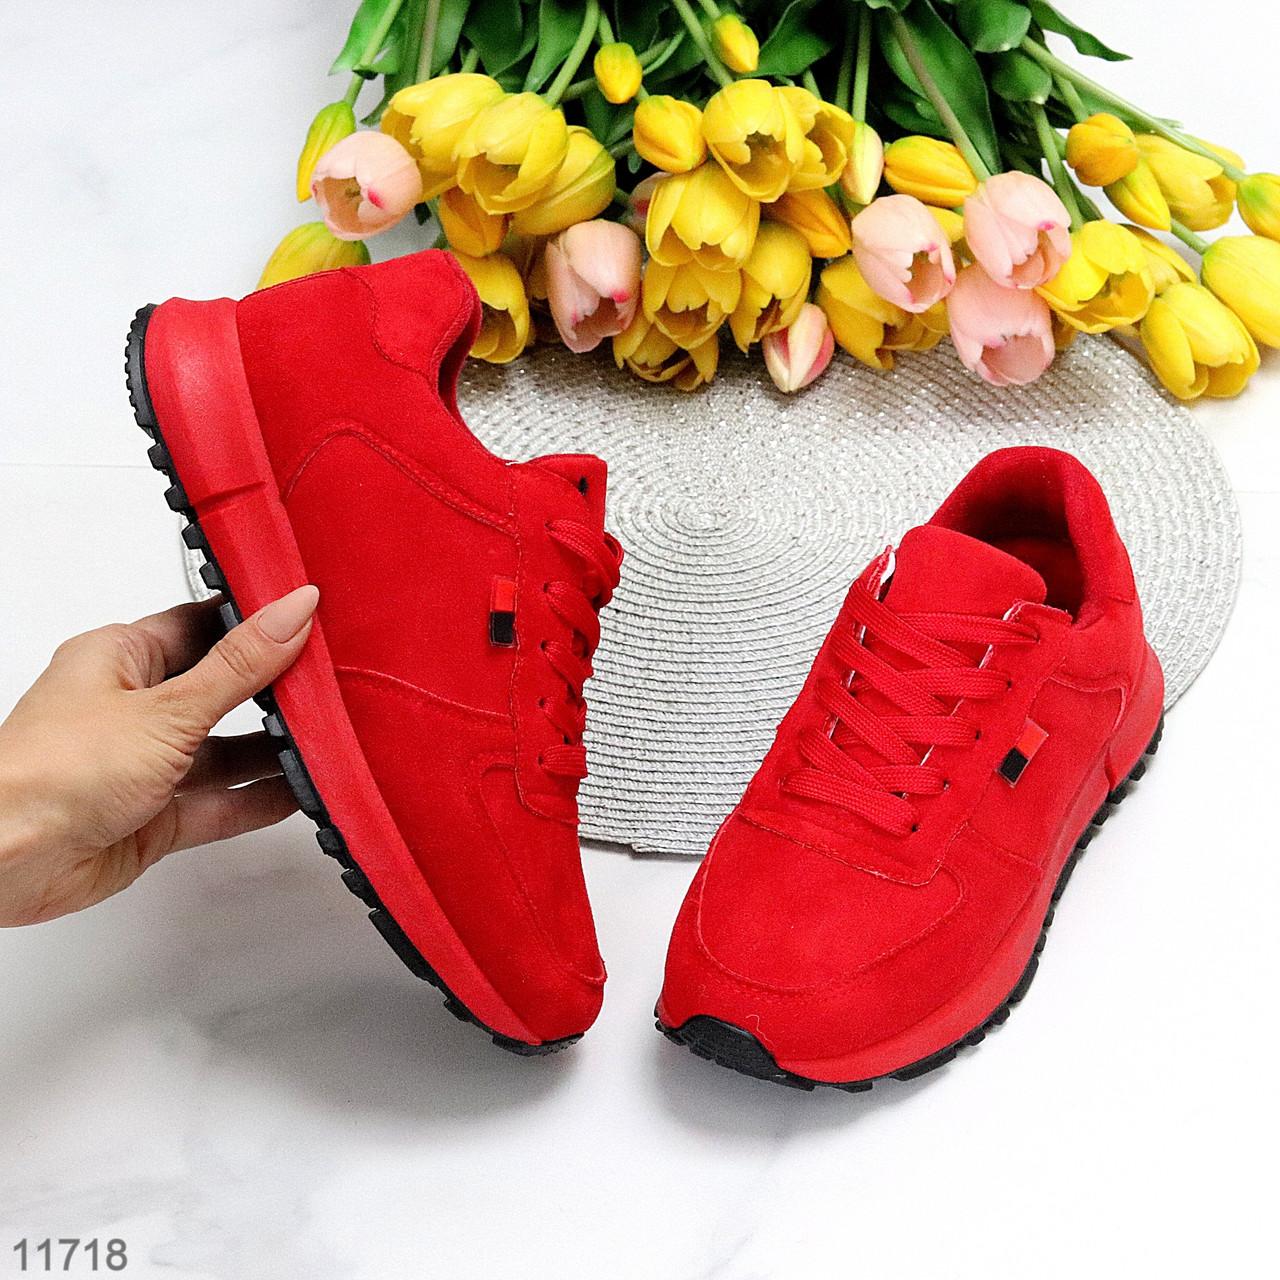 Яркие красные замшевые повседневные зимние женские кроссовки на меху